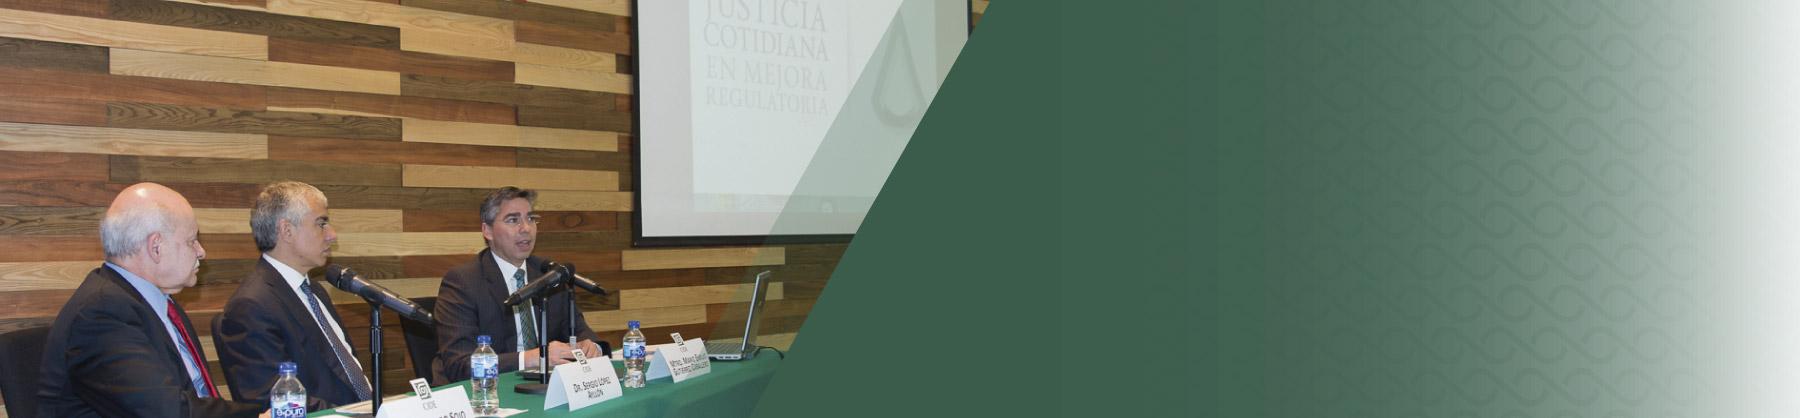 resultados_sobre_la_implementacion_de_la_politica_de_mejora